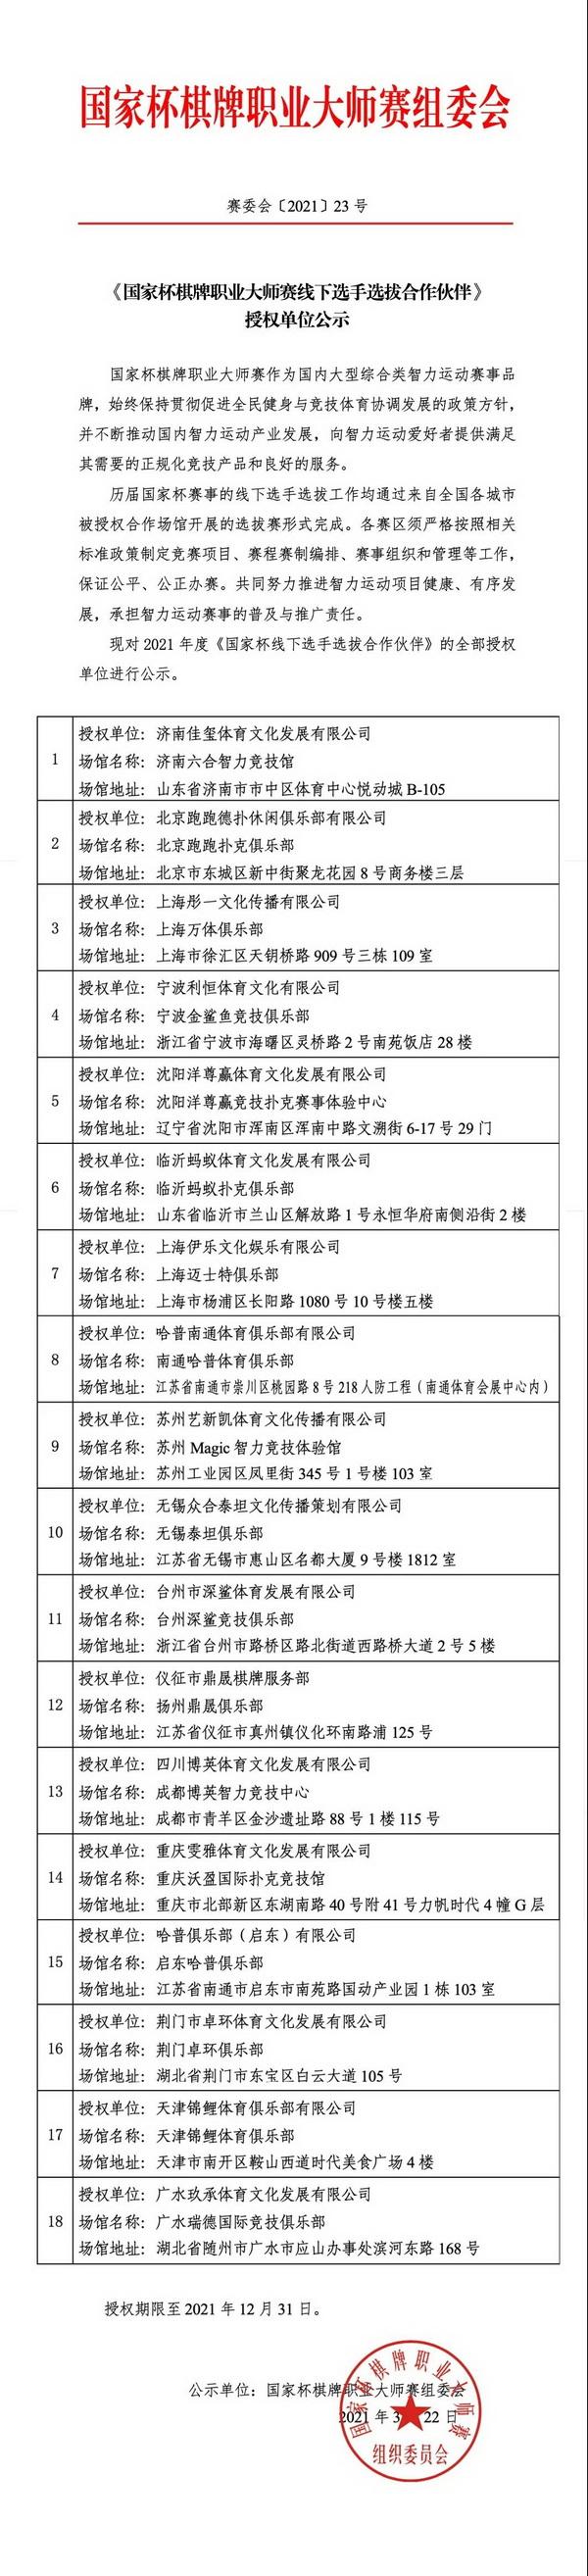 蜗牛扑克:《国家杯棋牌职业大师赛线下选手选拔合作伙伴》授权单位公示